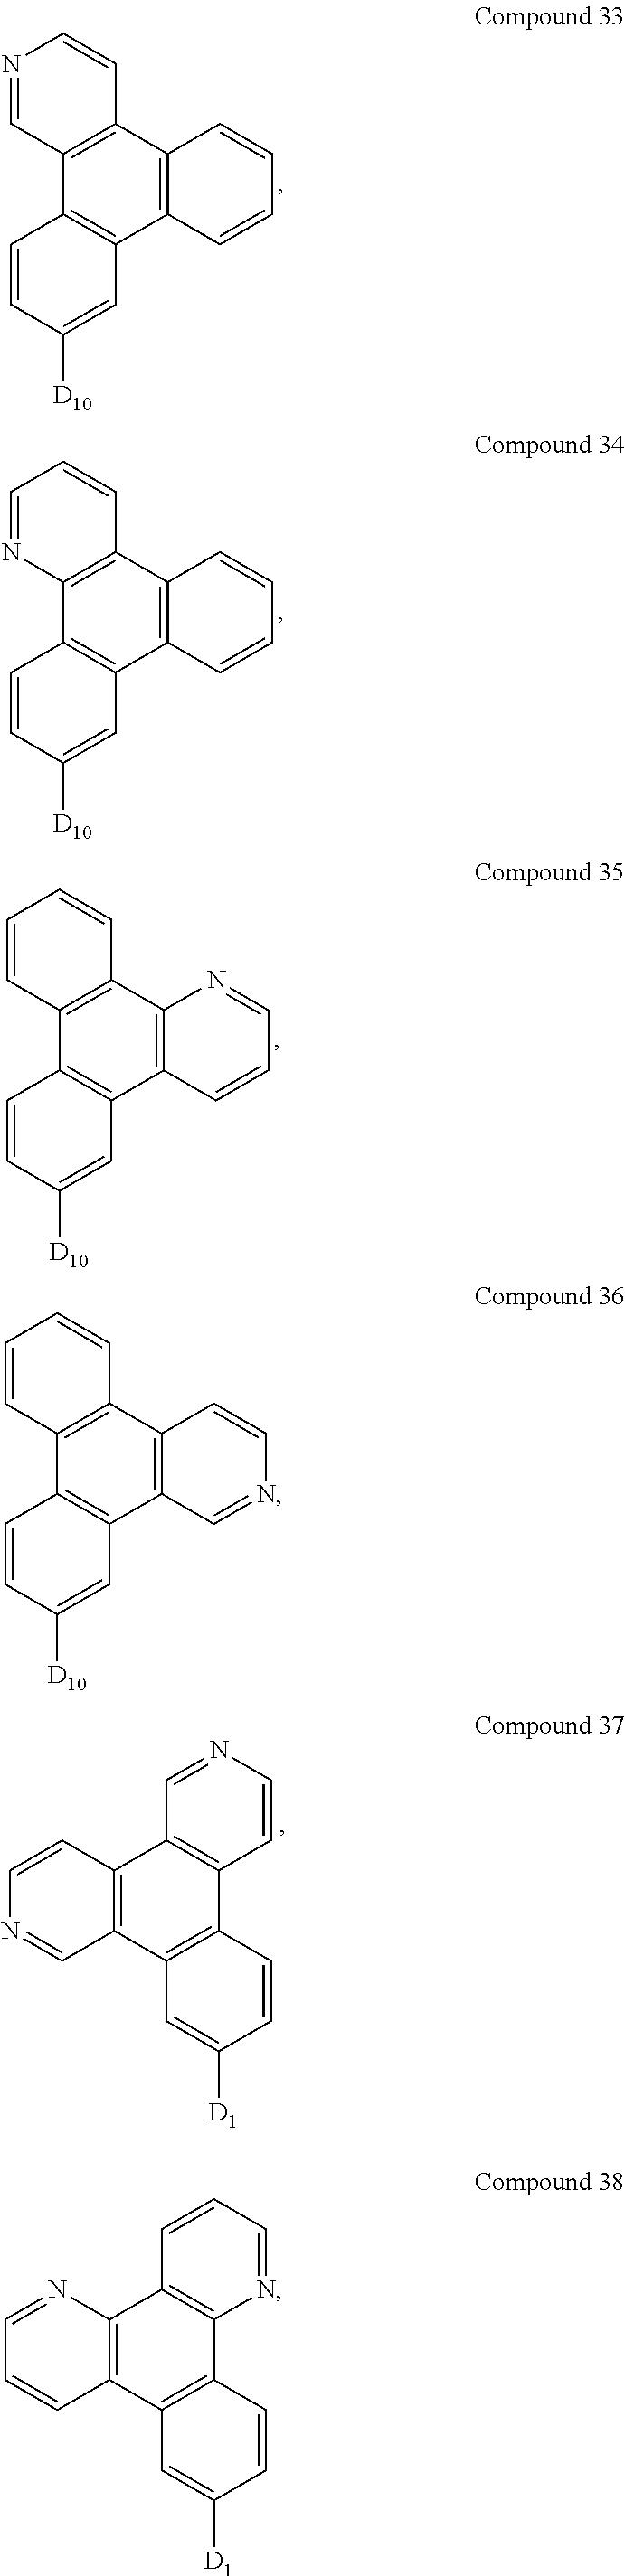 Figure US09537106-20170103-C00593